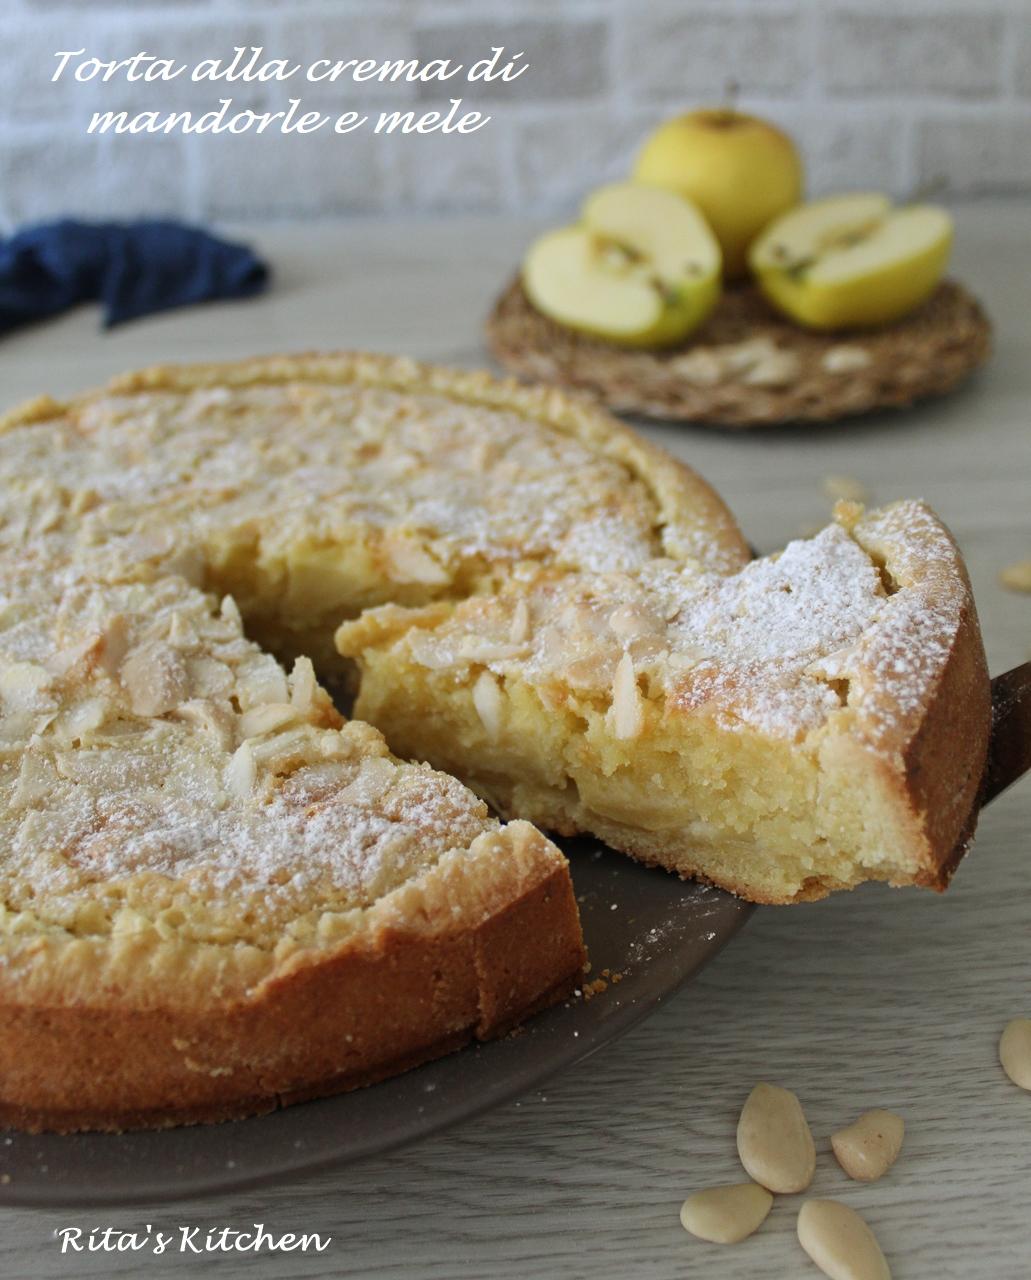 torta alla crema di mandorle e mele